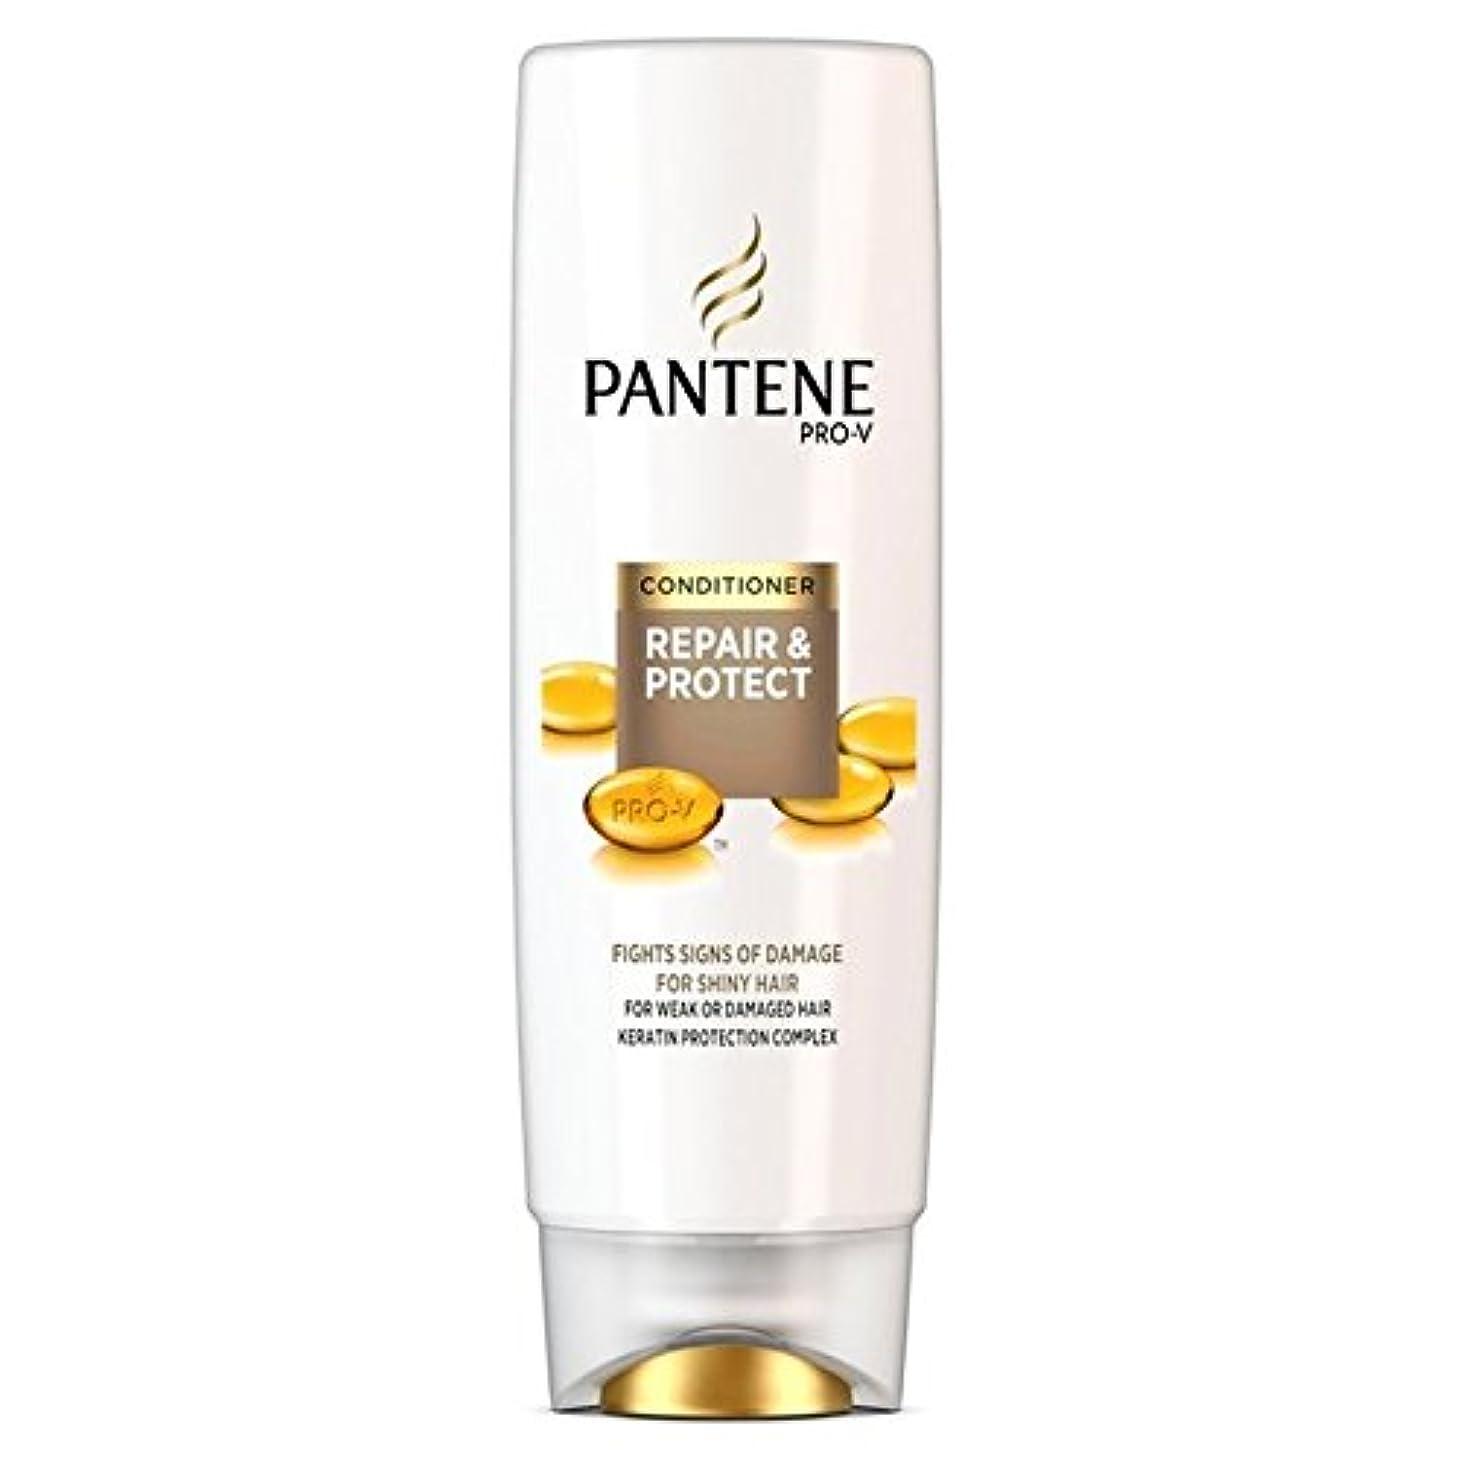 曲線移行するプロポーショナルパンテーンコンディショナーの修理&弱いか、傷んだ髪の250ミリリットルのための保護 x4 - Pantene Conditioner Repair & Protect For Weak Or Damaged Hair 250ml...